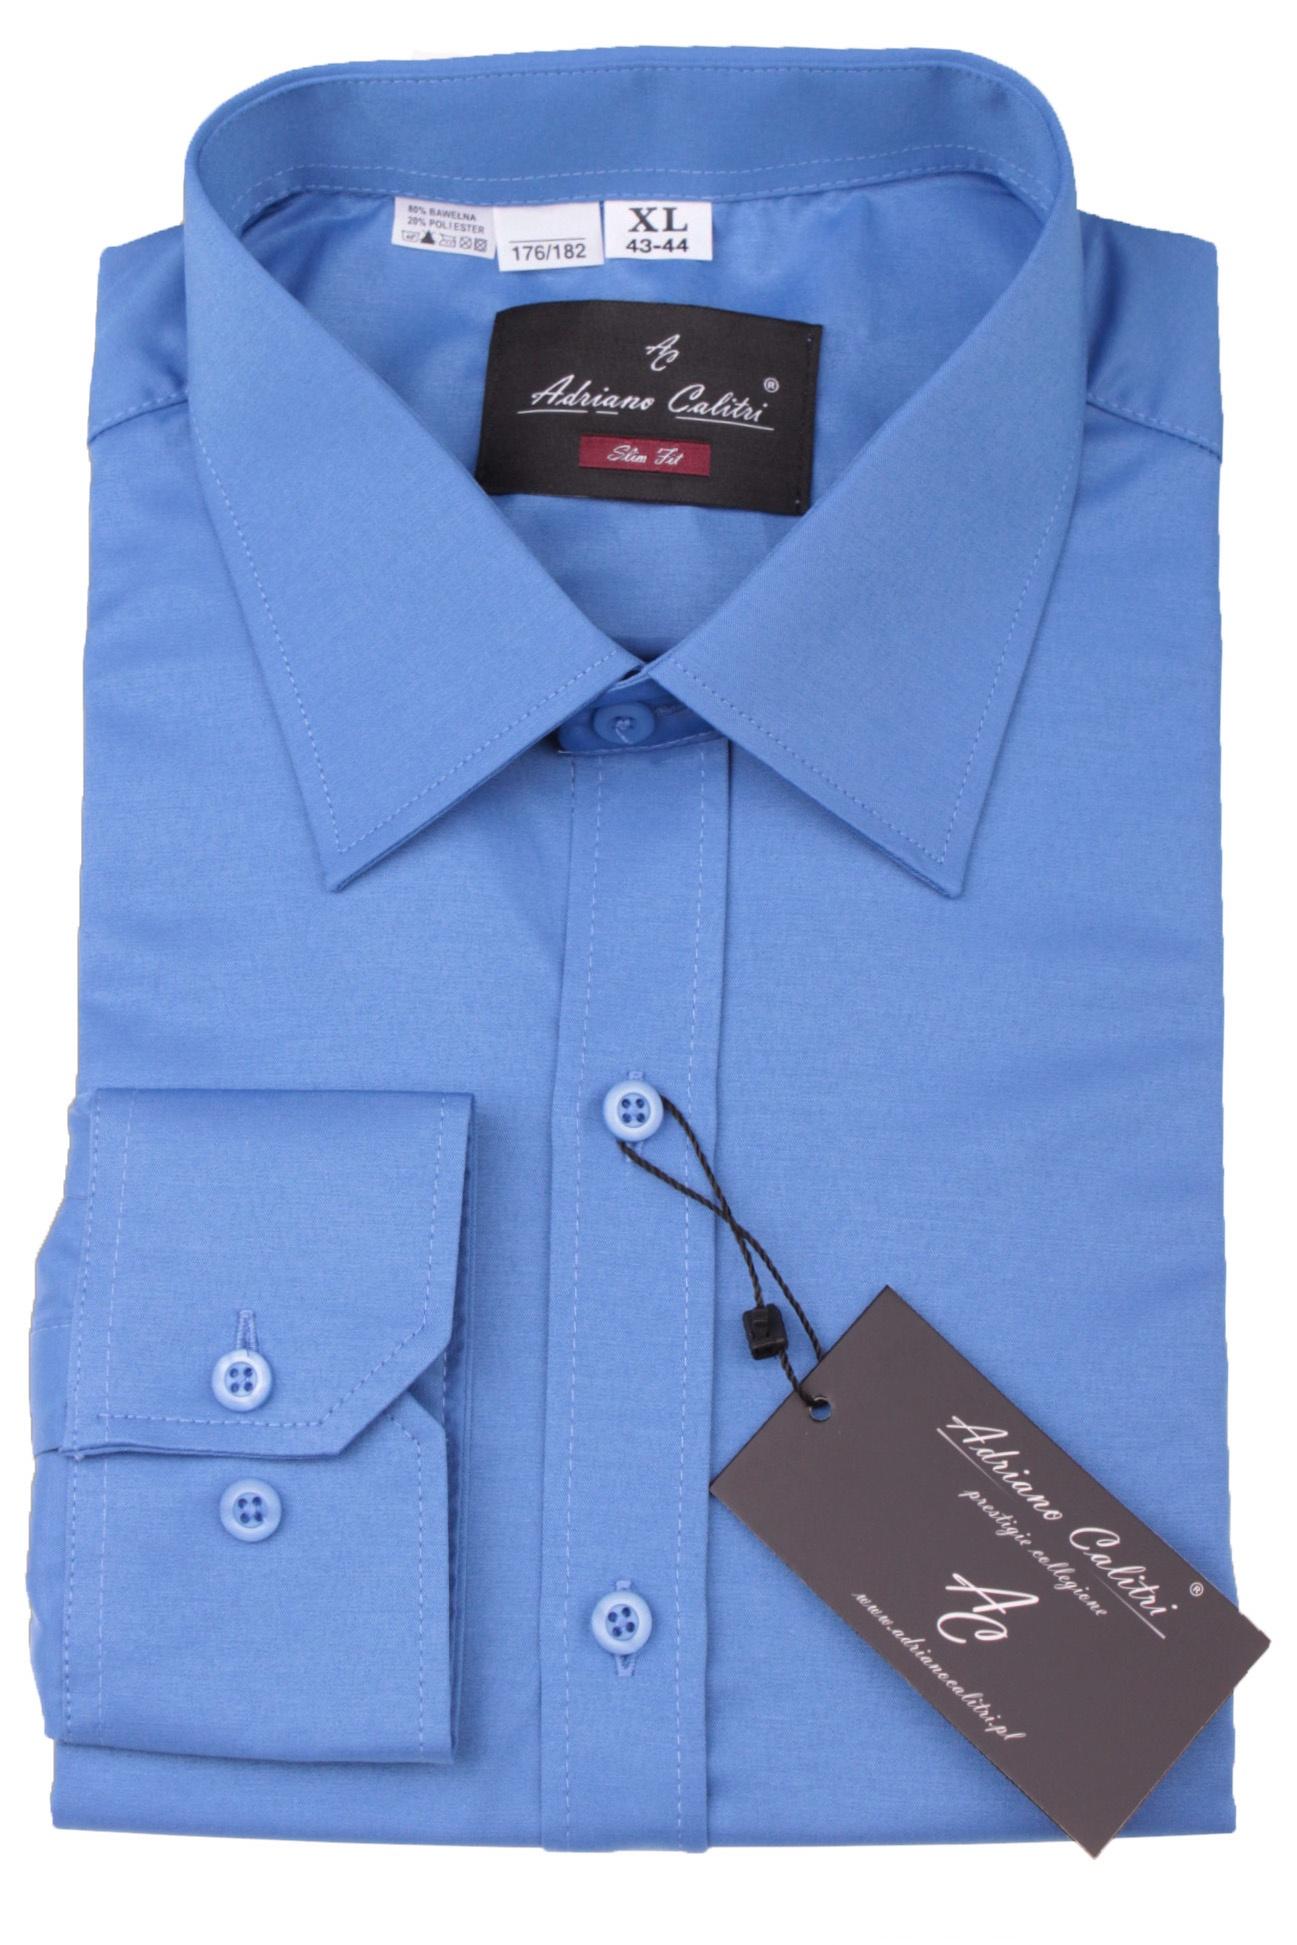 5c6582e029e44b Koszula męska 506 SLIM FIT niebieska :: Sklep Adriano Calitri